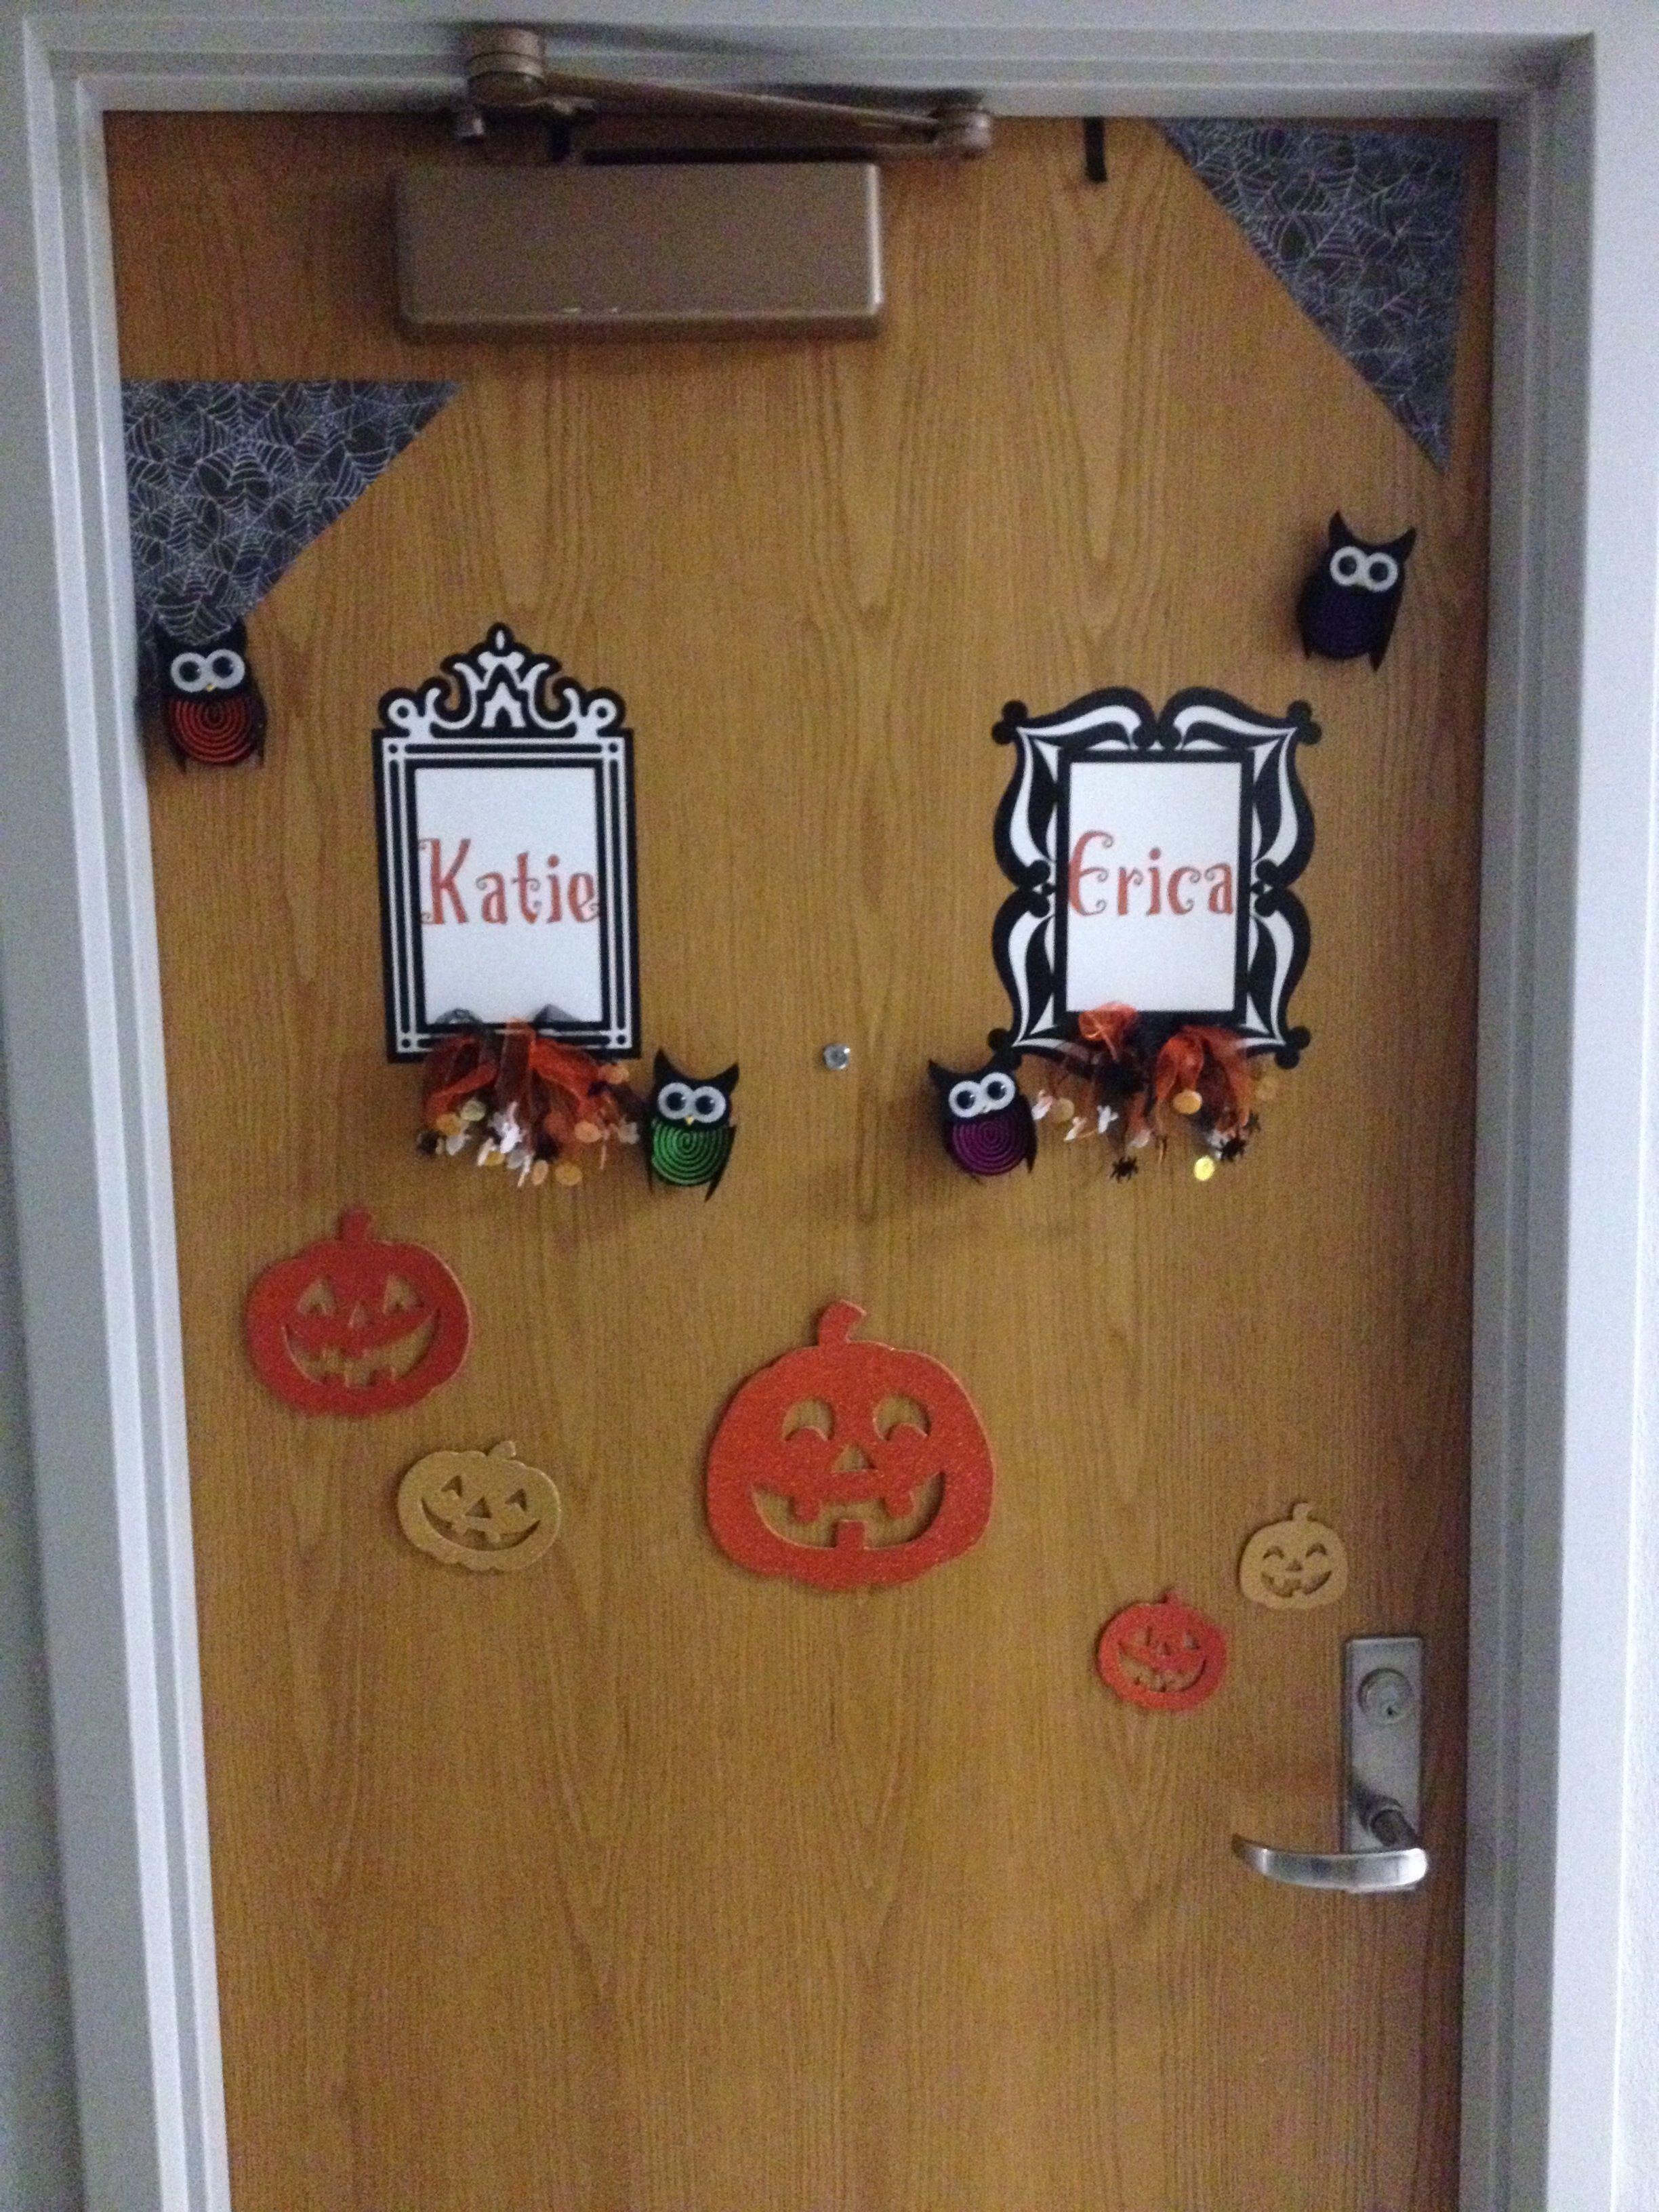 fall dorm door decorations on halloween dorm room door decorations pumpkins spider webs name frames and owls room door decorations door decorations girls dorm room decorations halloween dorm room door decorations